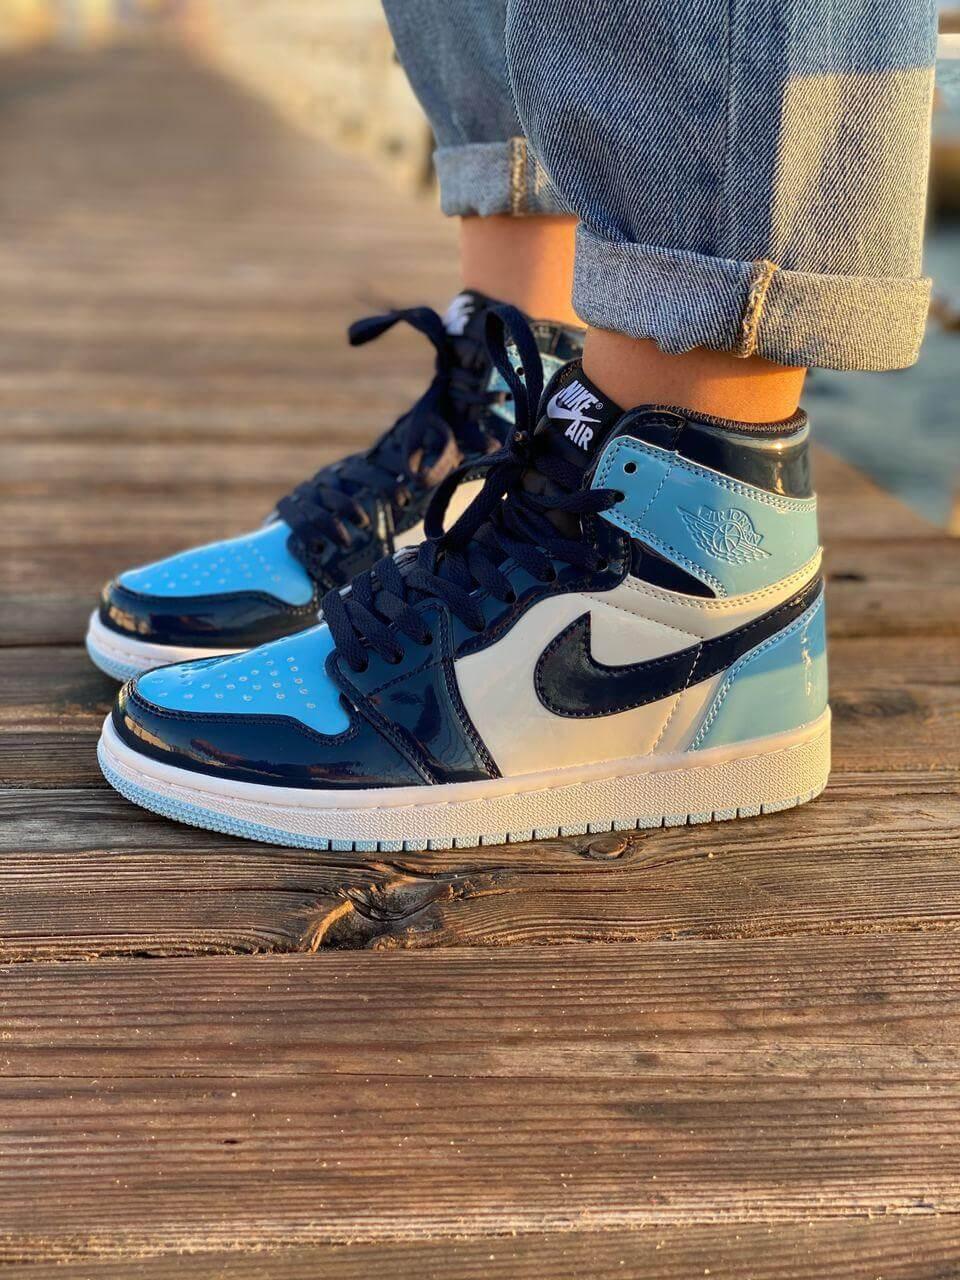 Жіночі баскетбольні кросівки Nike Air Jordan 1 Retro Patent Blue (Високі кросівки Найк Аїр Джордан 36-40)